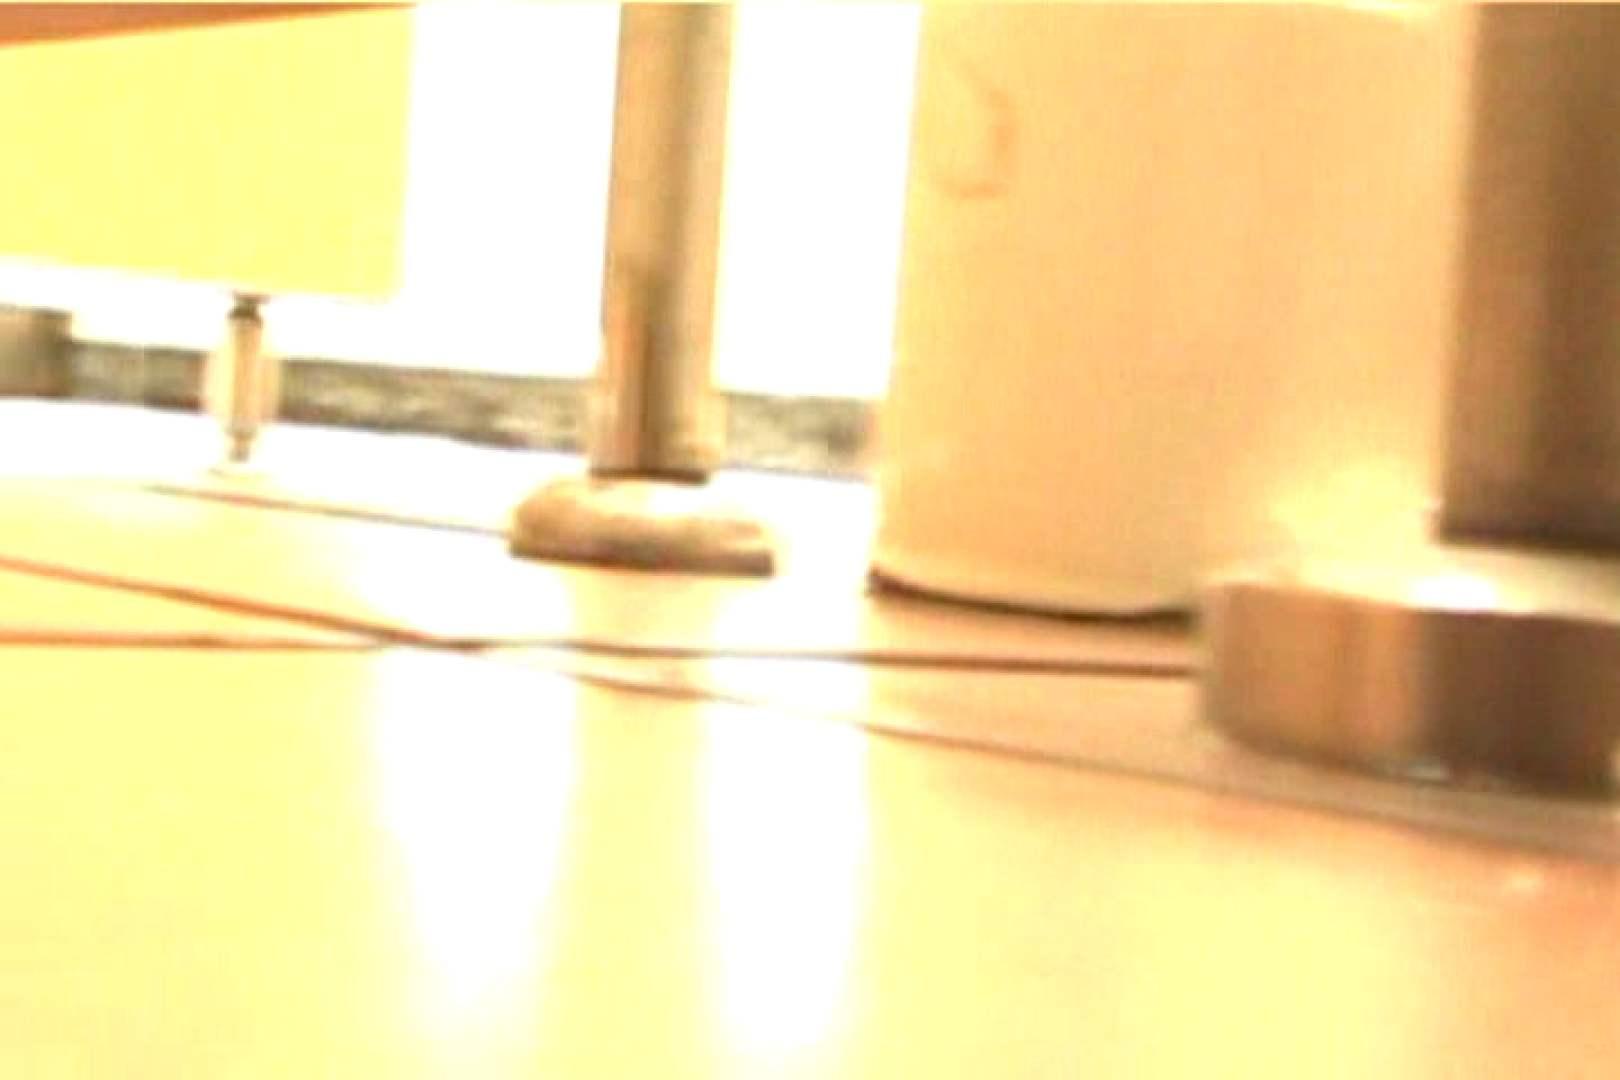 マンコ丸見え女子洗面所Vol.37 マンコ・ムレムレ 盗み撮り動画キャプチャ 87pic 58